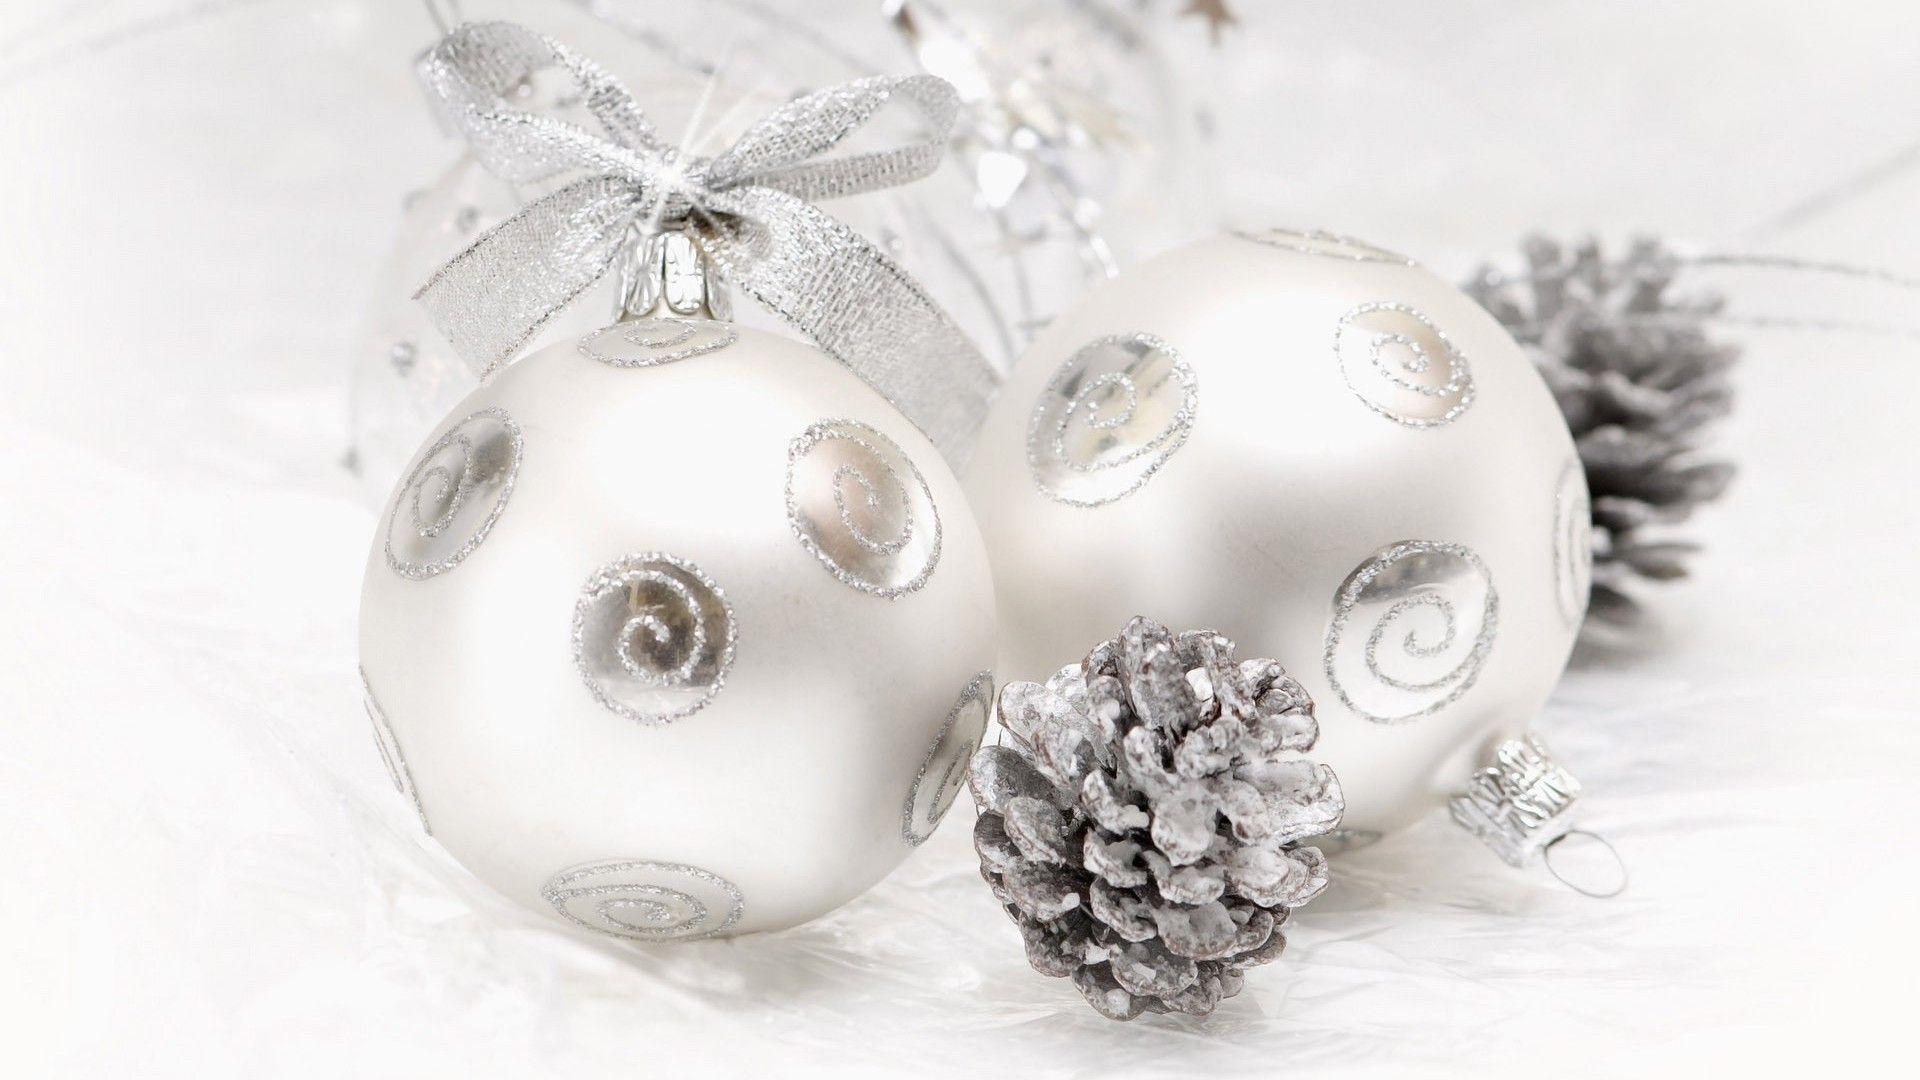 Téma - Biele Vianoce - vianočné inšpirácie • www.stavba-az.sk